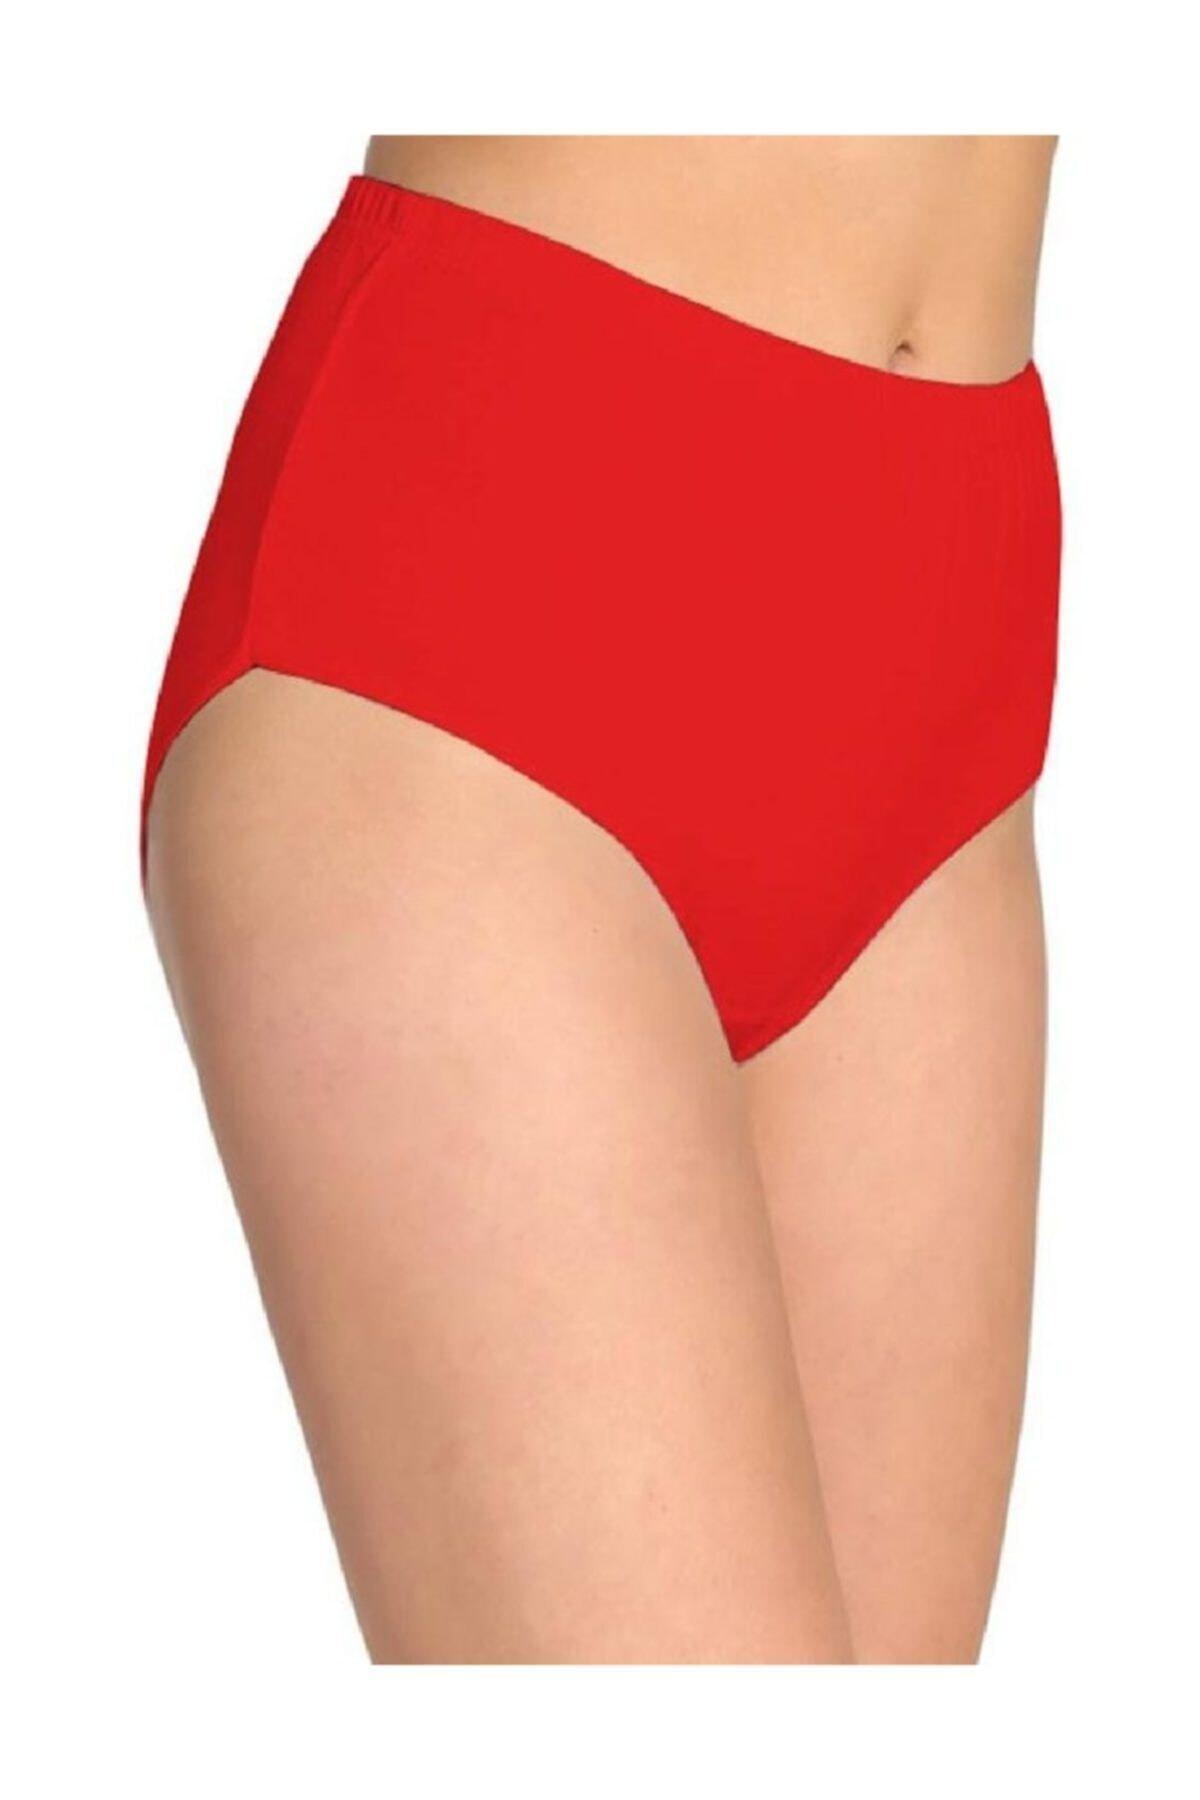 Tutku Kadın Kırmızı 6'lı Paket Pamuklu Ribana Bato Külot 0922 1